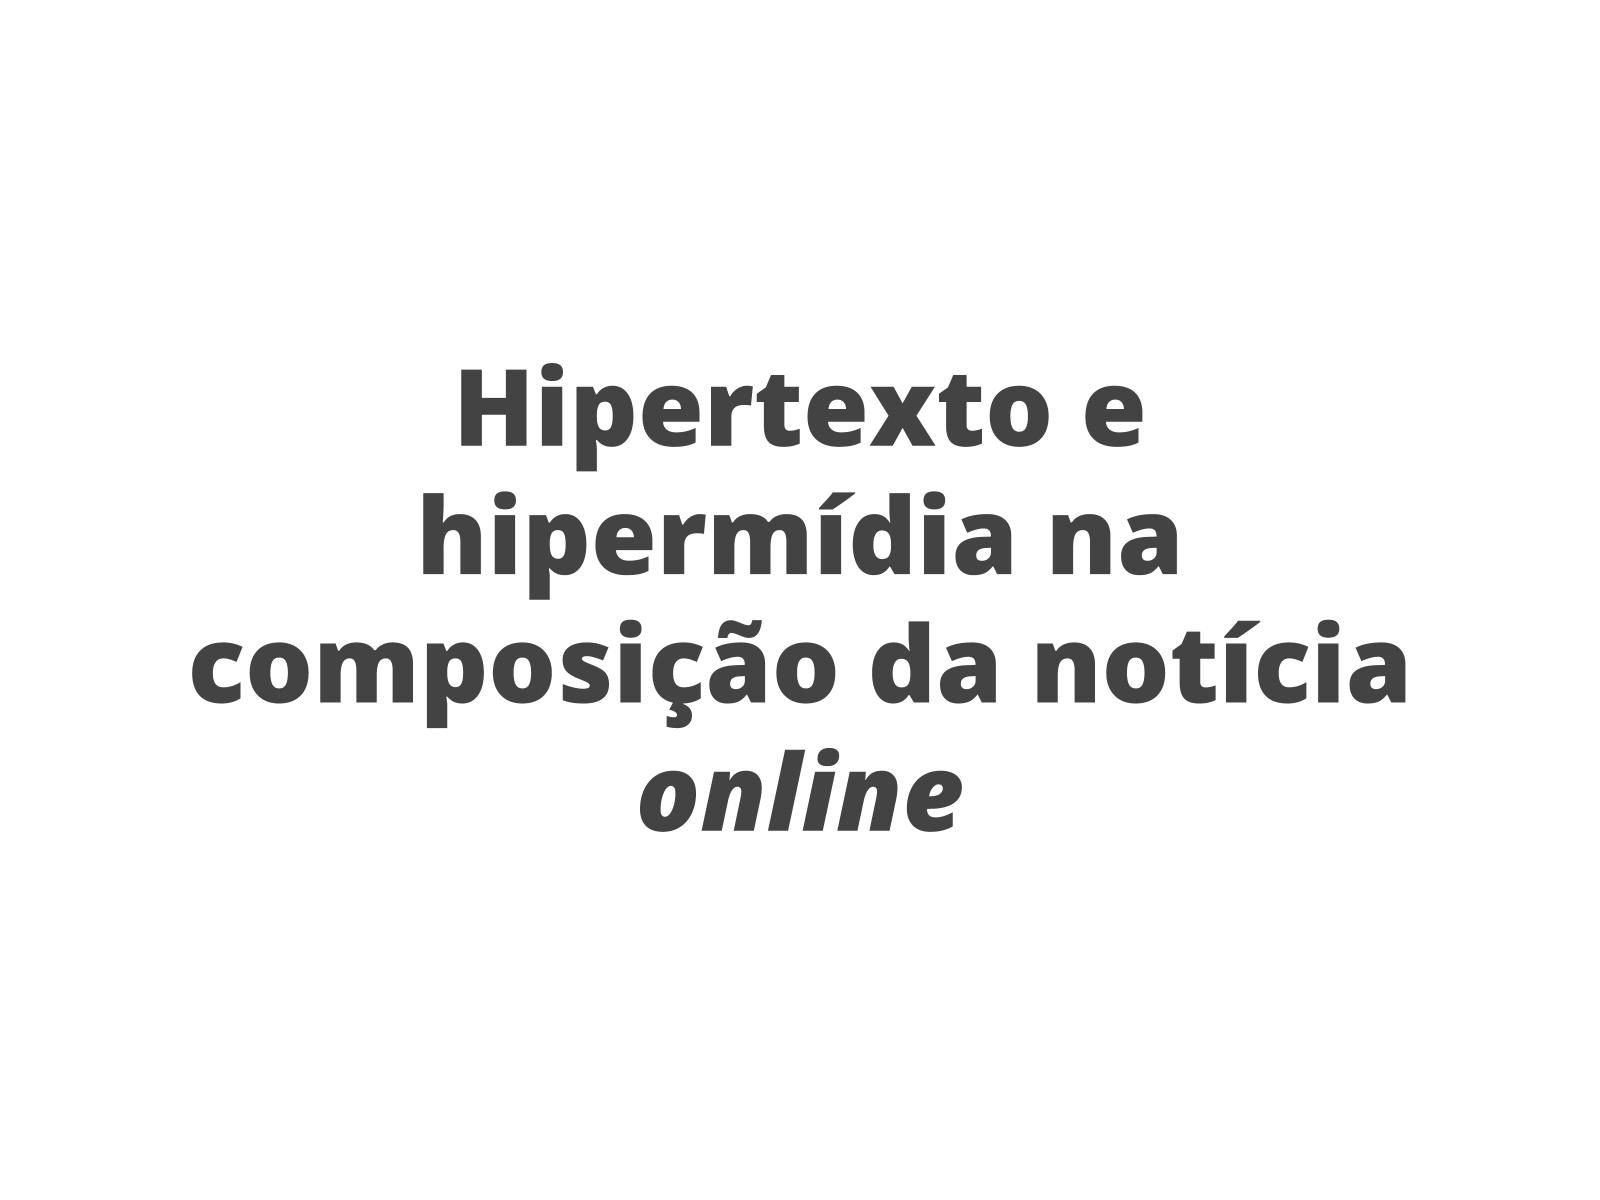 A notícia online e seus elementos hipertextuais e hipermidiáticos